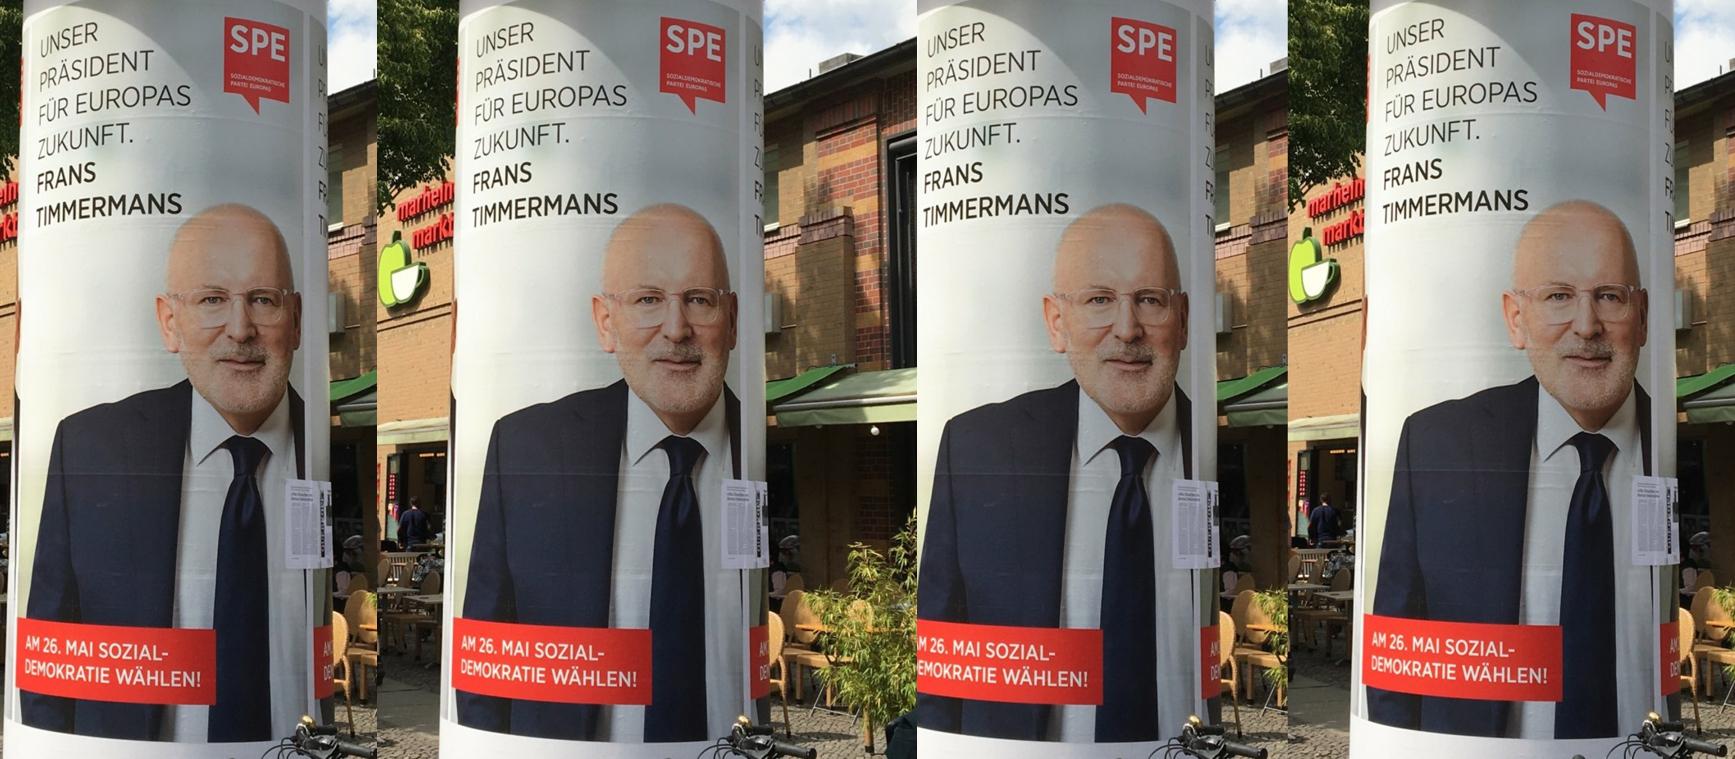 IJL-bericht: kiest Frans Timmermans toch voor Zuid-Limburg? (P.S.: of zwicht hij voor Berlijn?)